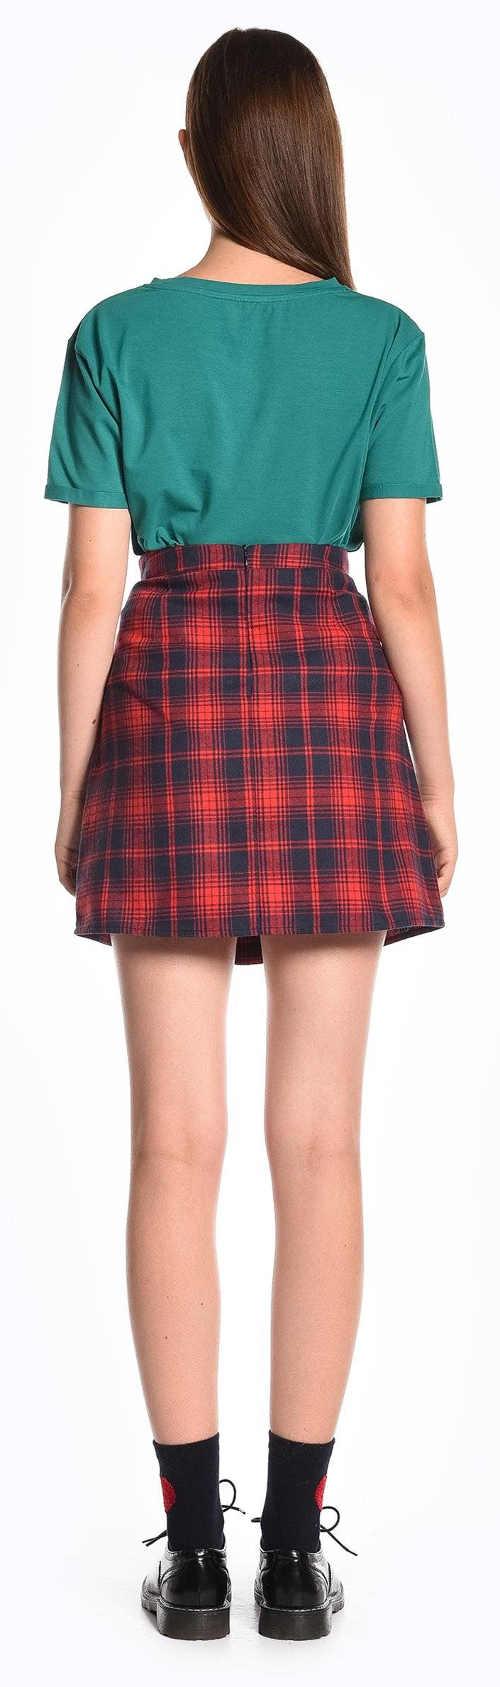 Krátká károvaná áčková dámská sukně